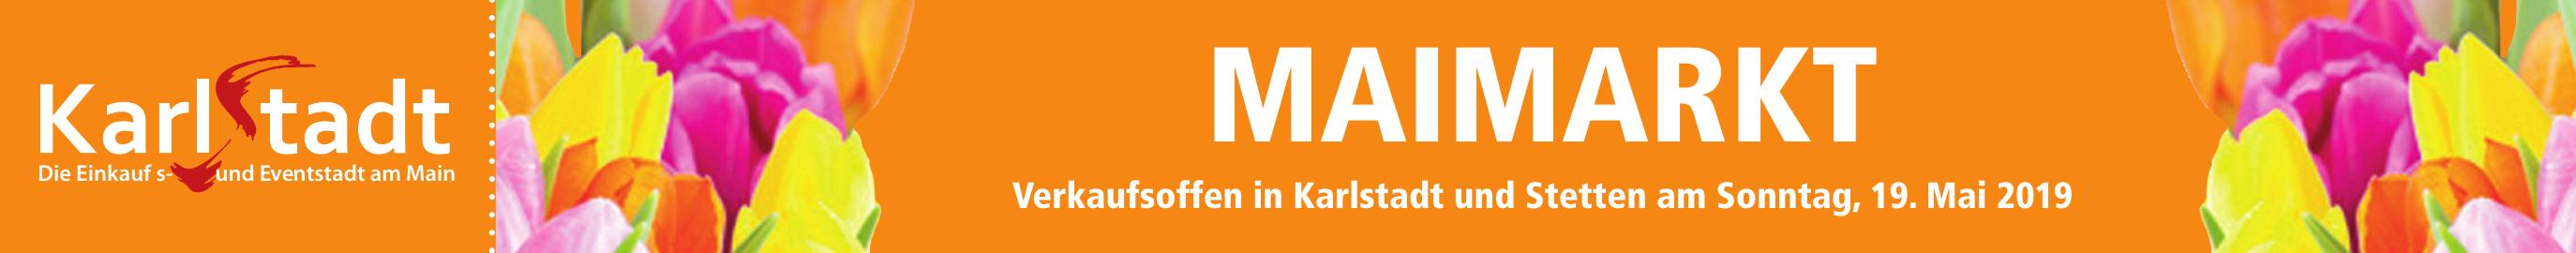 Maimarkt - Verkaufsoffen in Karlstadt und Stetten am Sonntag, 19. Mai 2019 Image 1